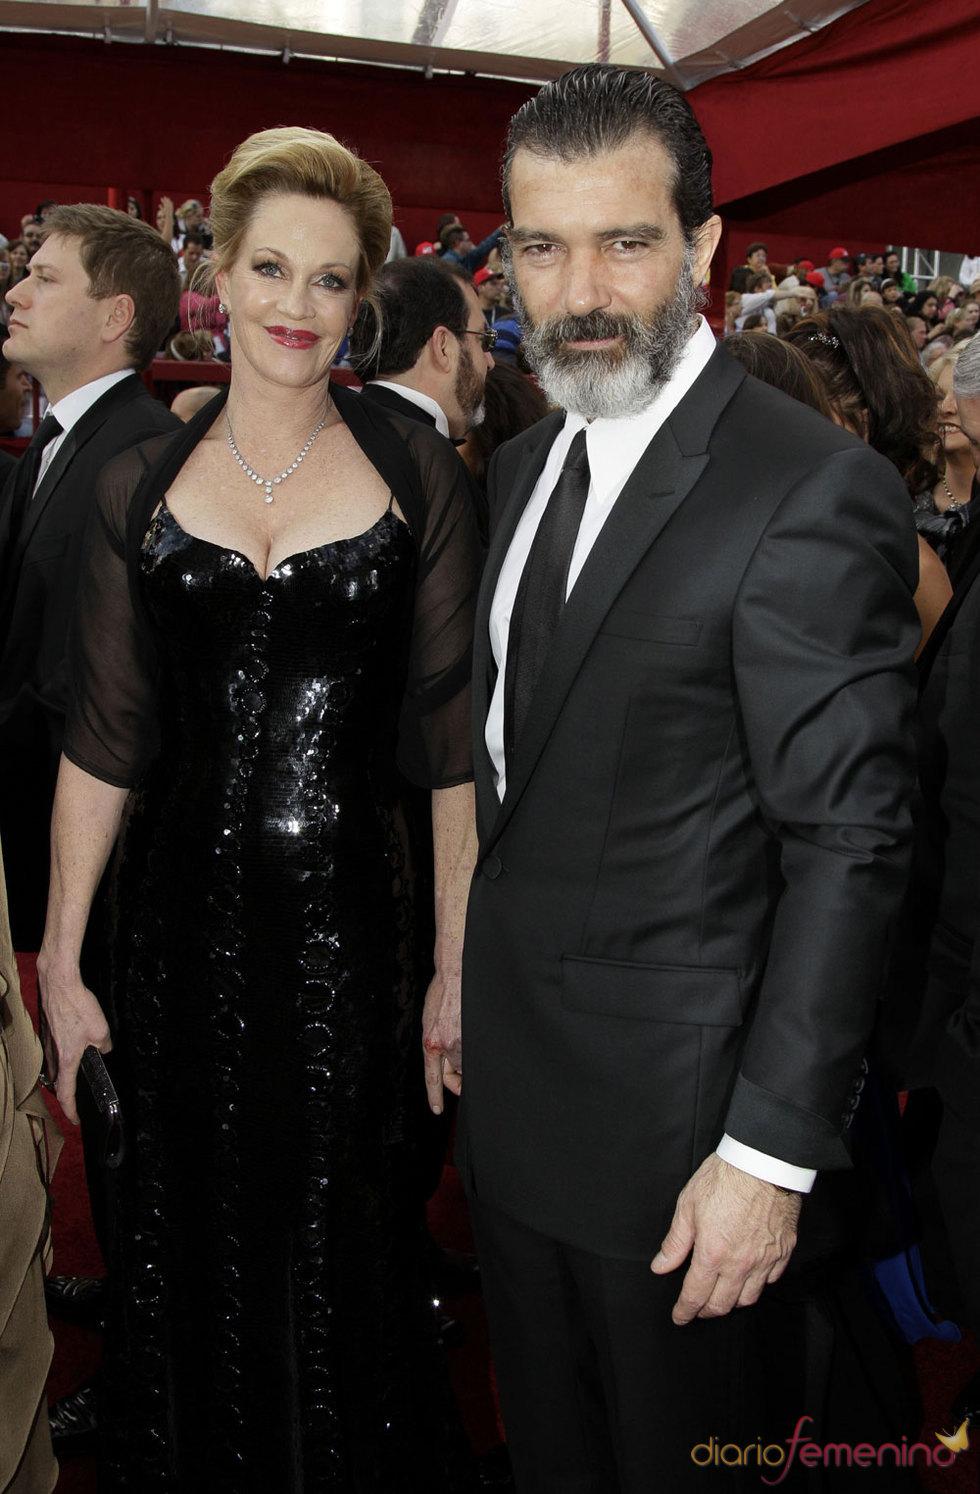 Antonio Banderas y  Melanie Griffith en los Oscars 2010